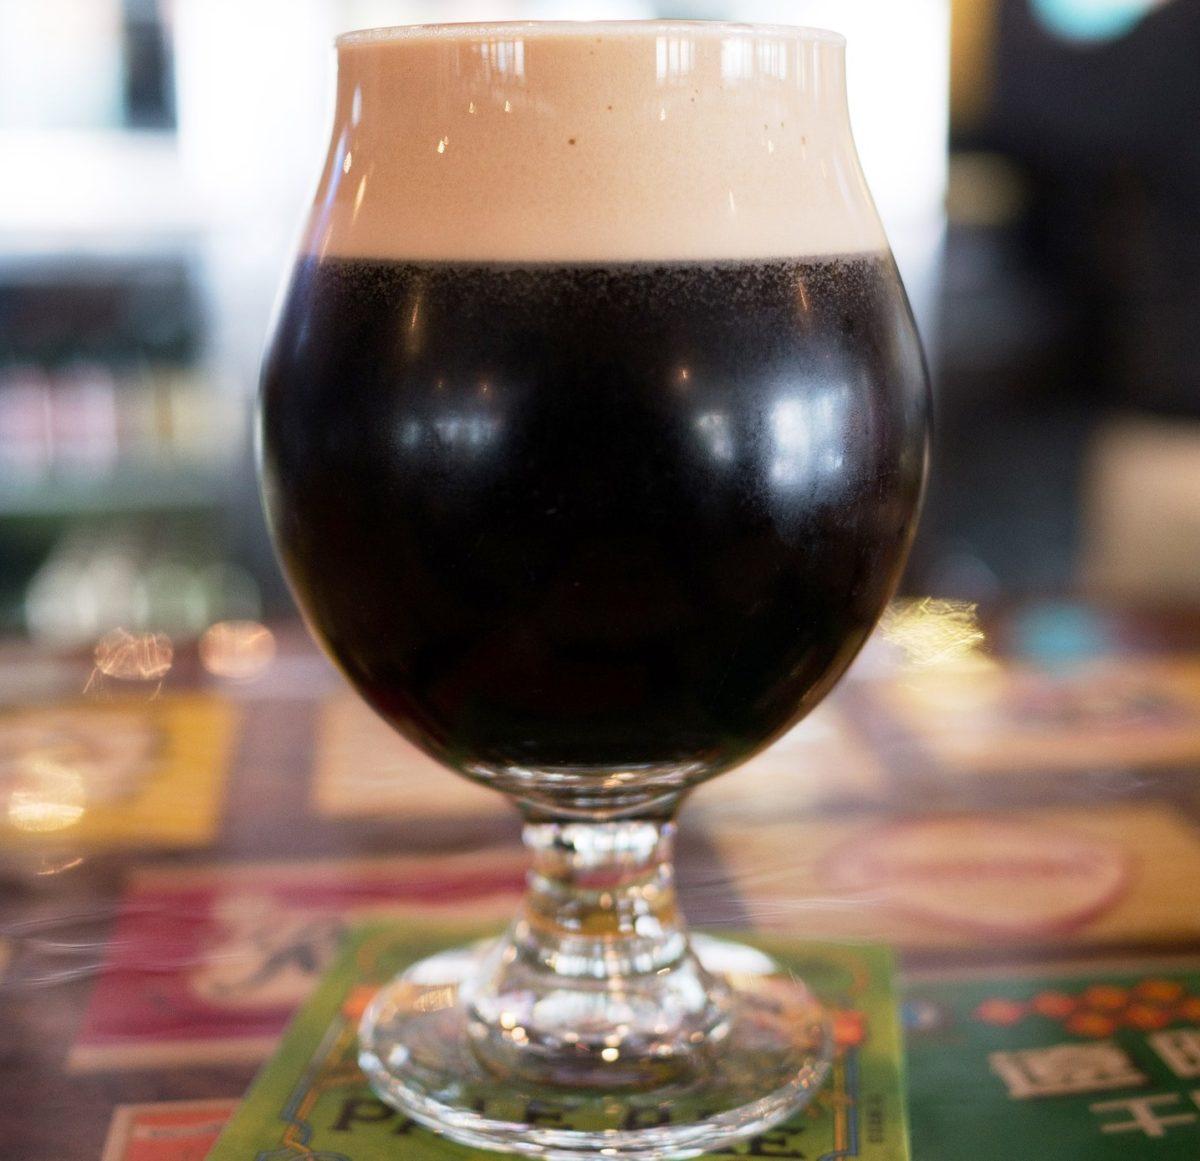 dark-beer-924823_1920